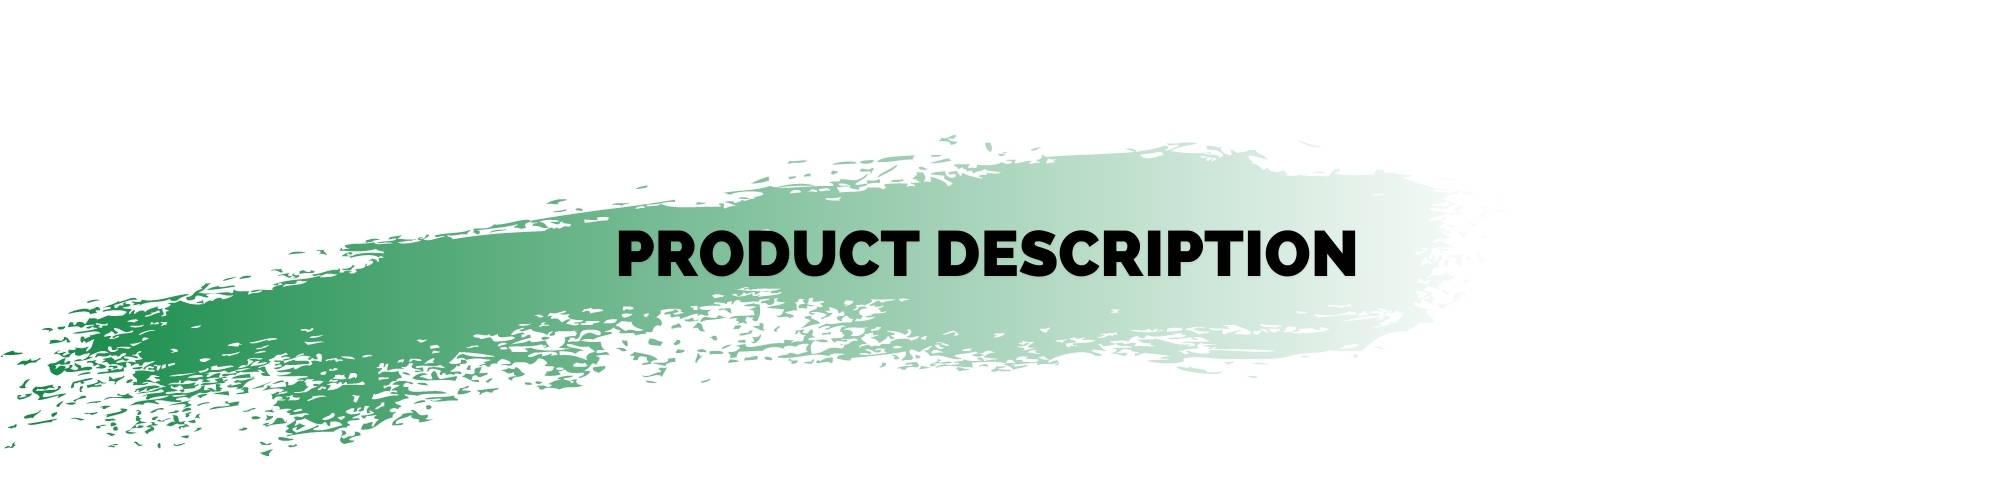 Argan Oil Product Description